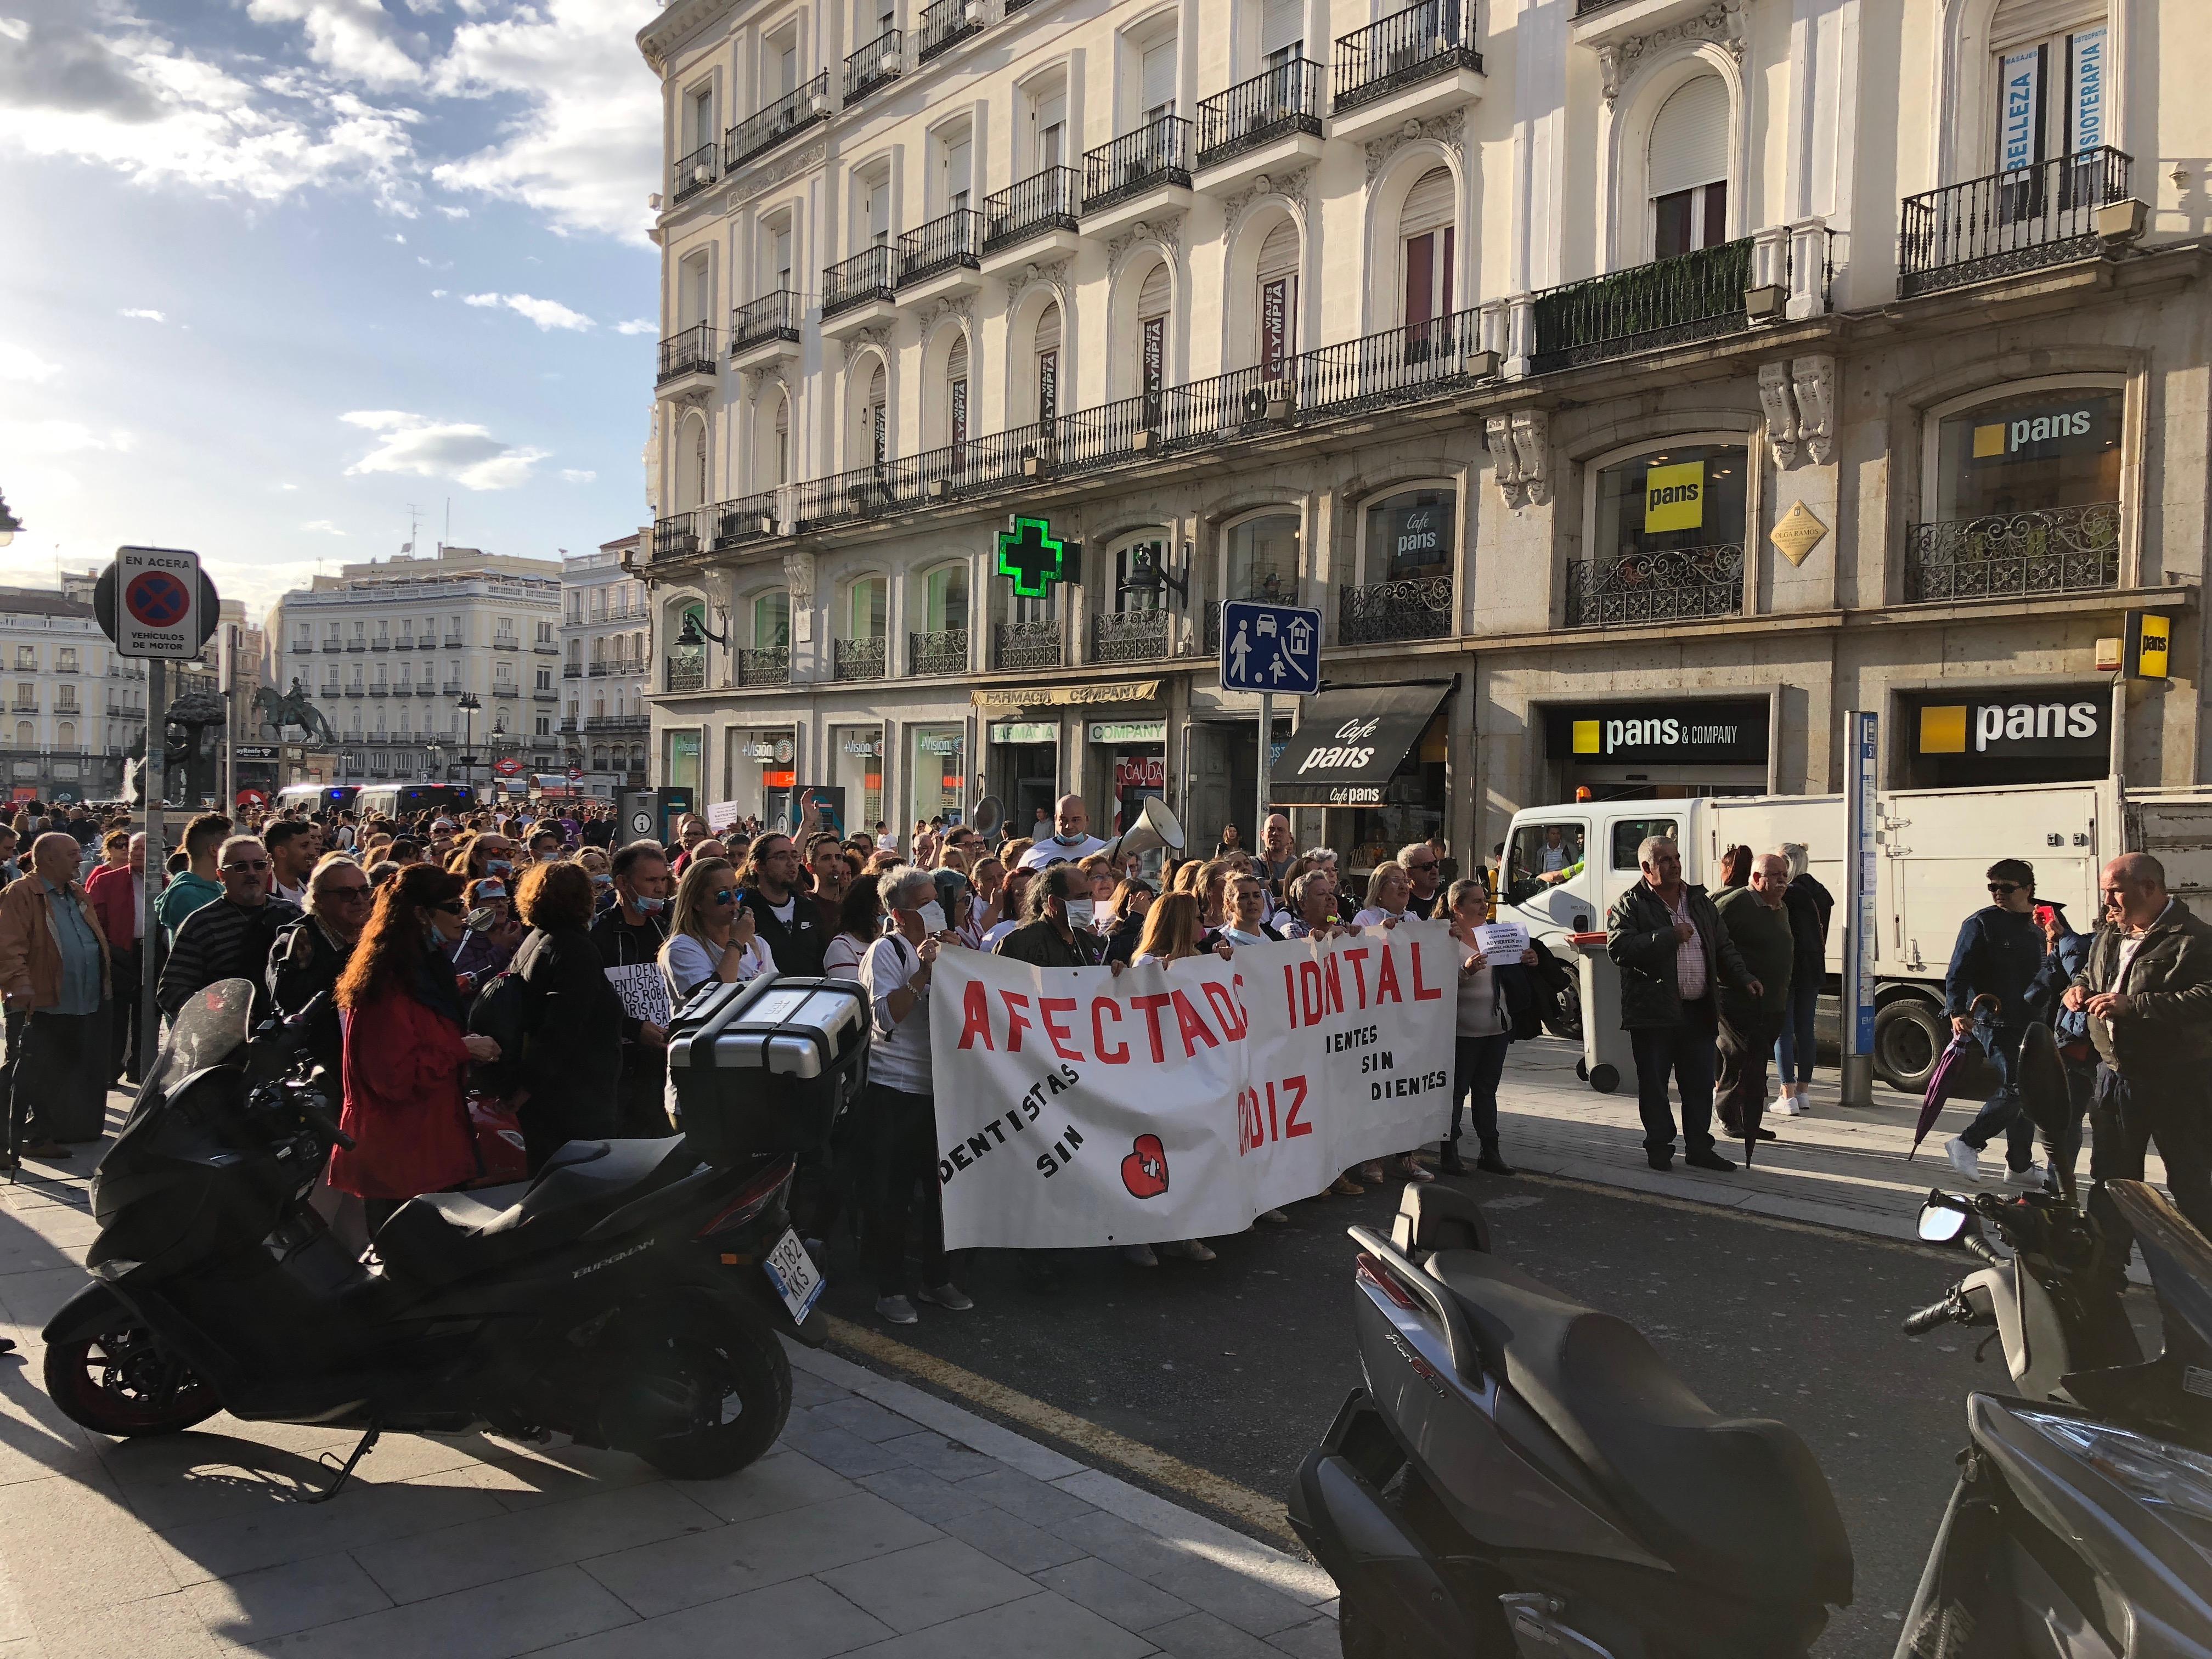 Proctor en Segovia visits Madrid's Puerta del Sol